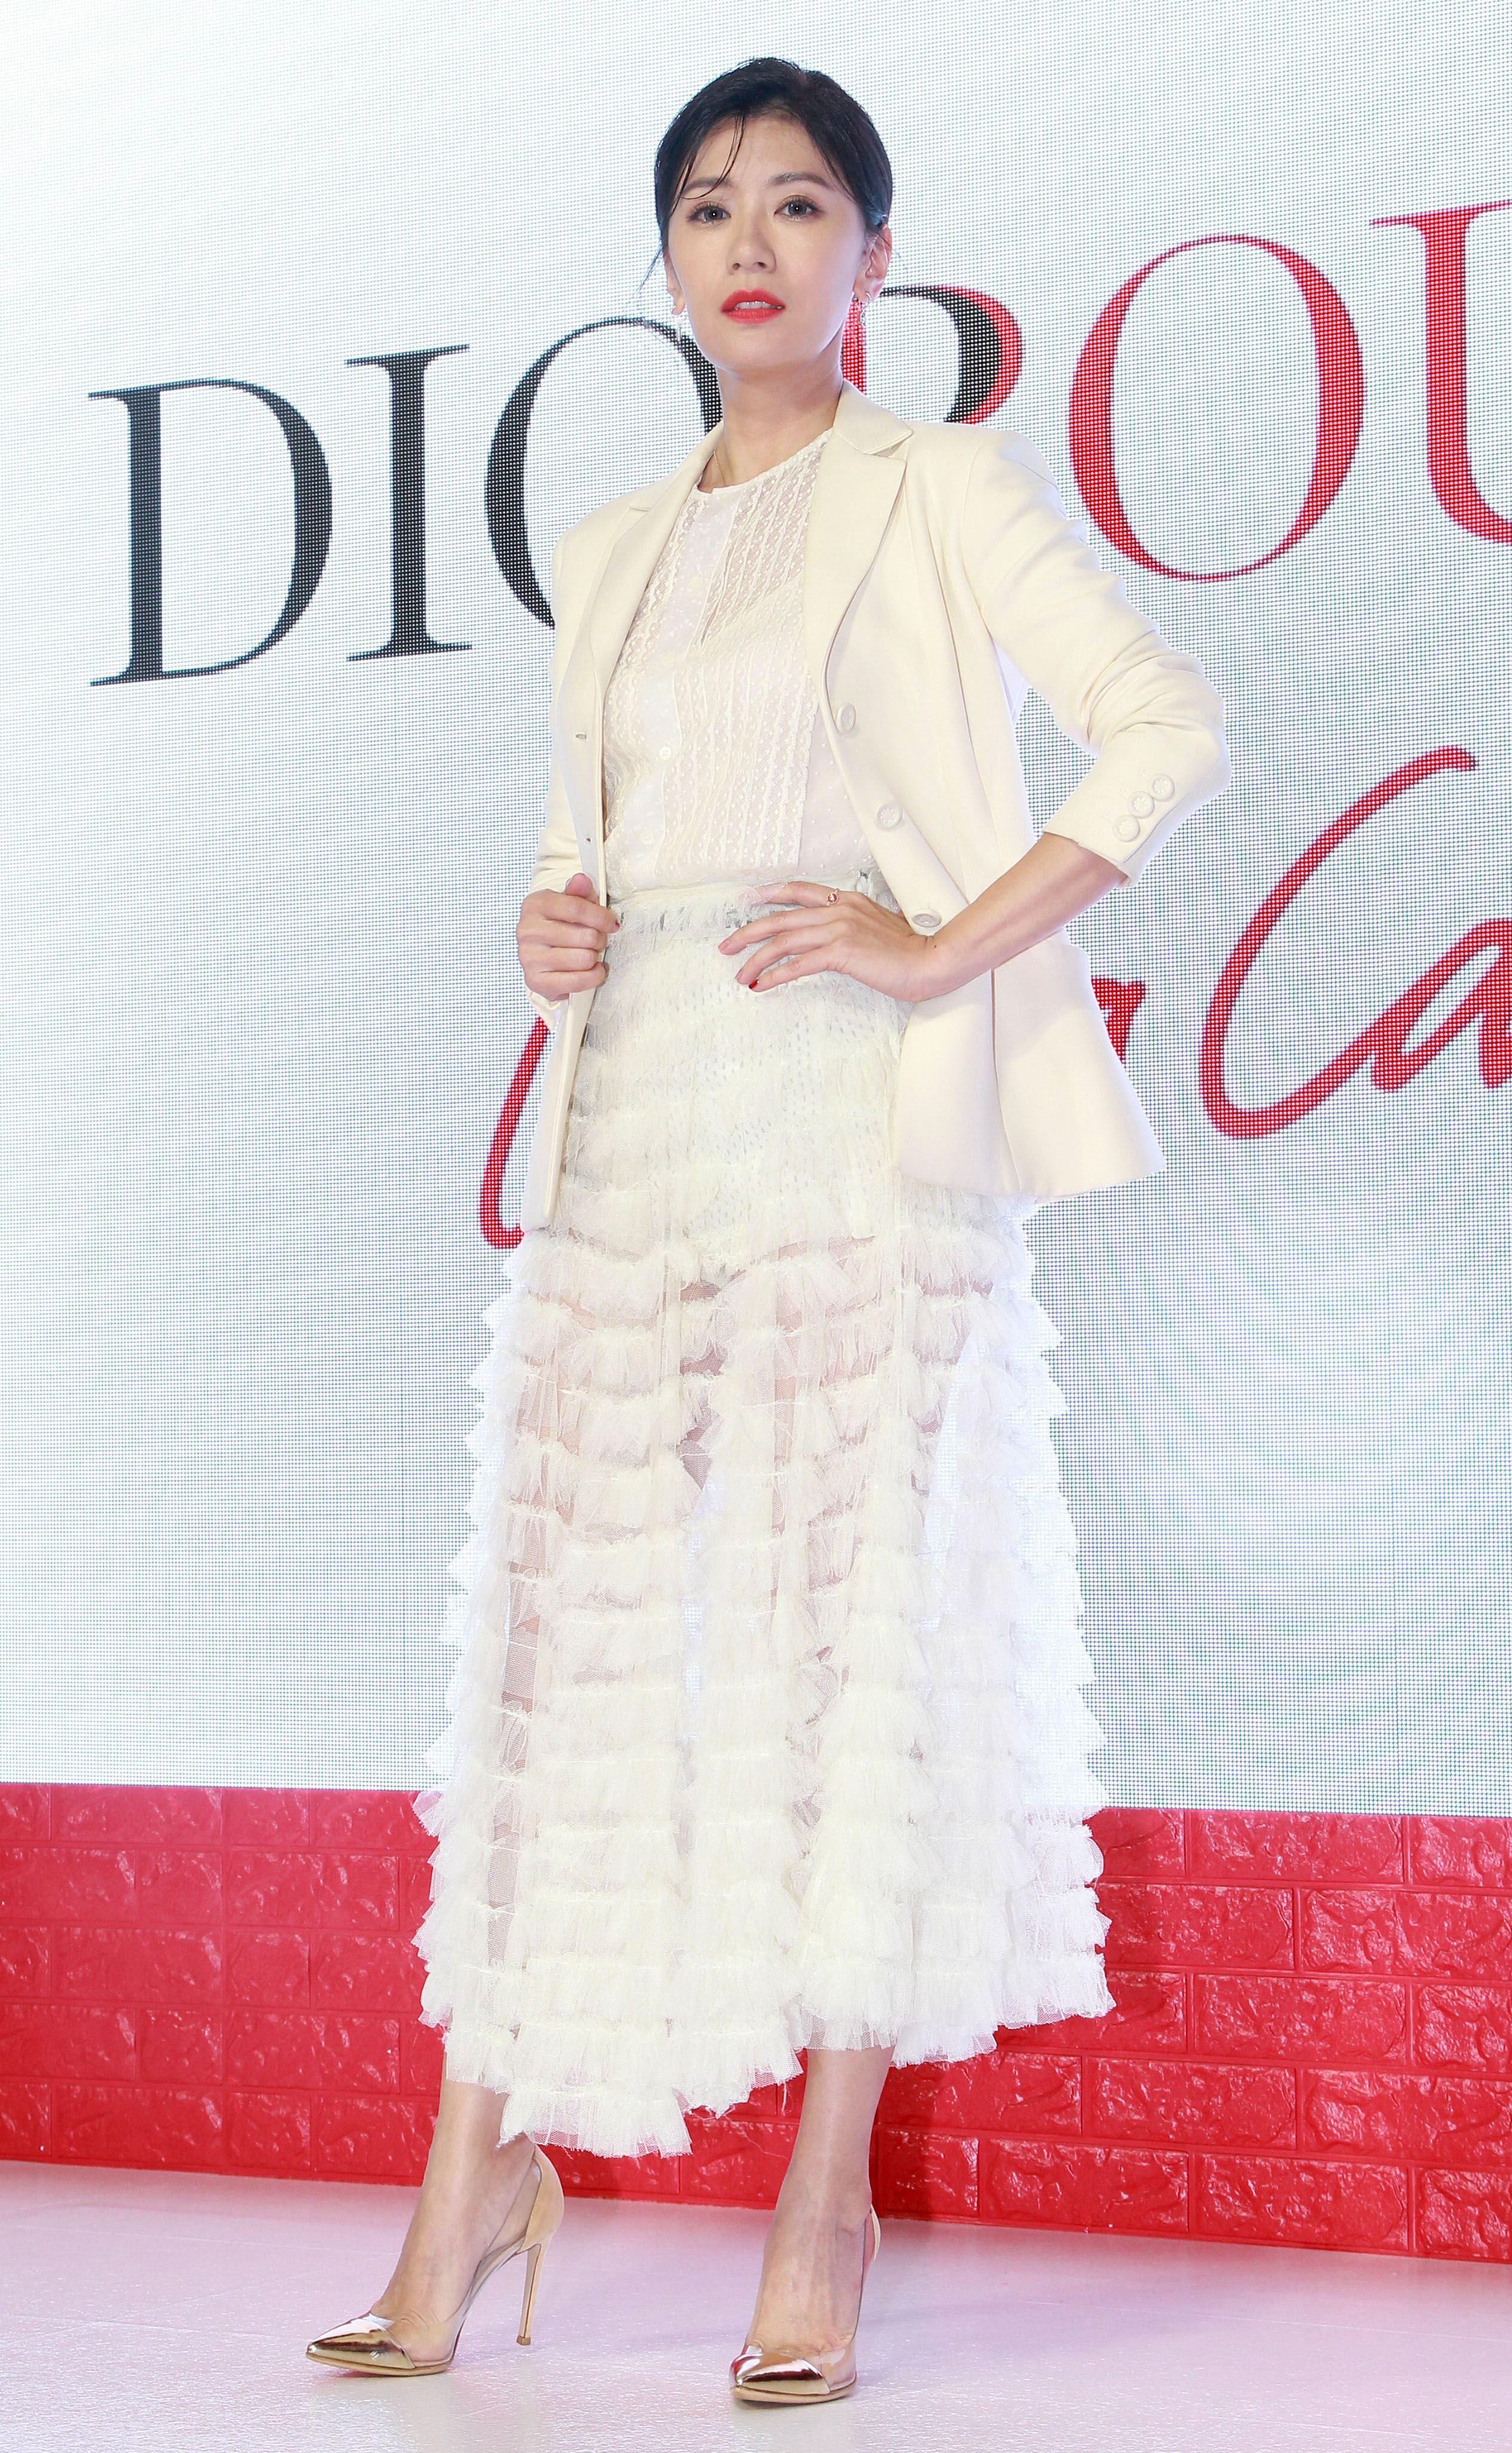 賈靜雯入圍金鐘獎最佳女主角。(記者邱榮吉/攝影)